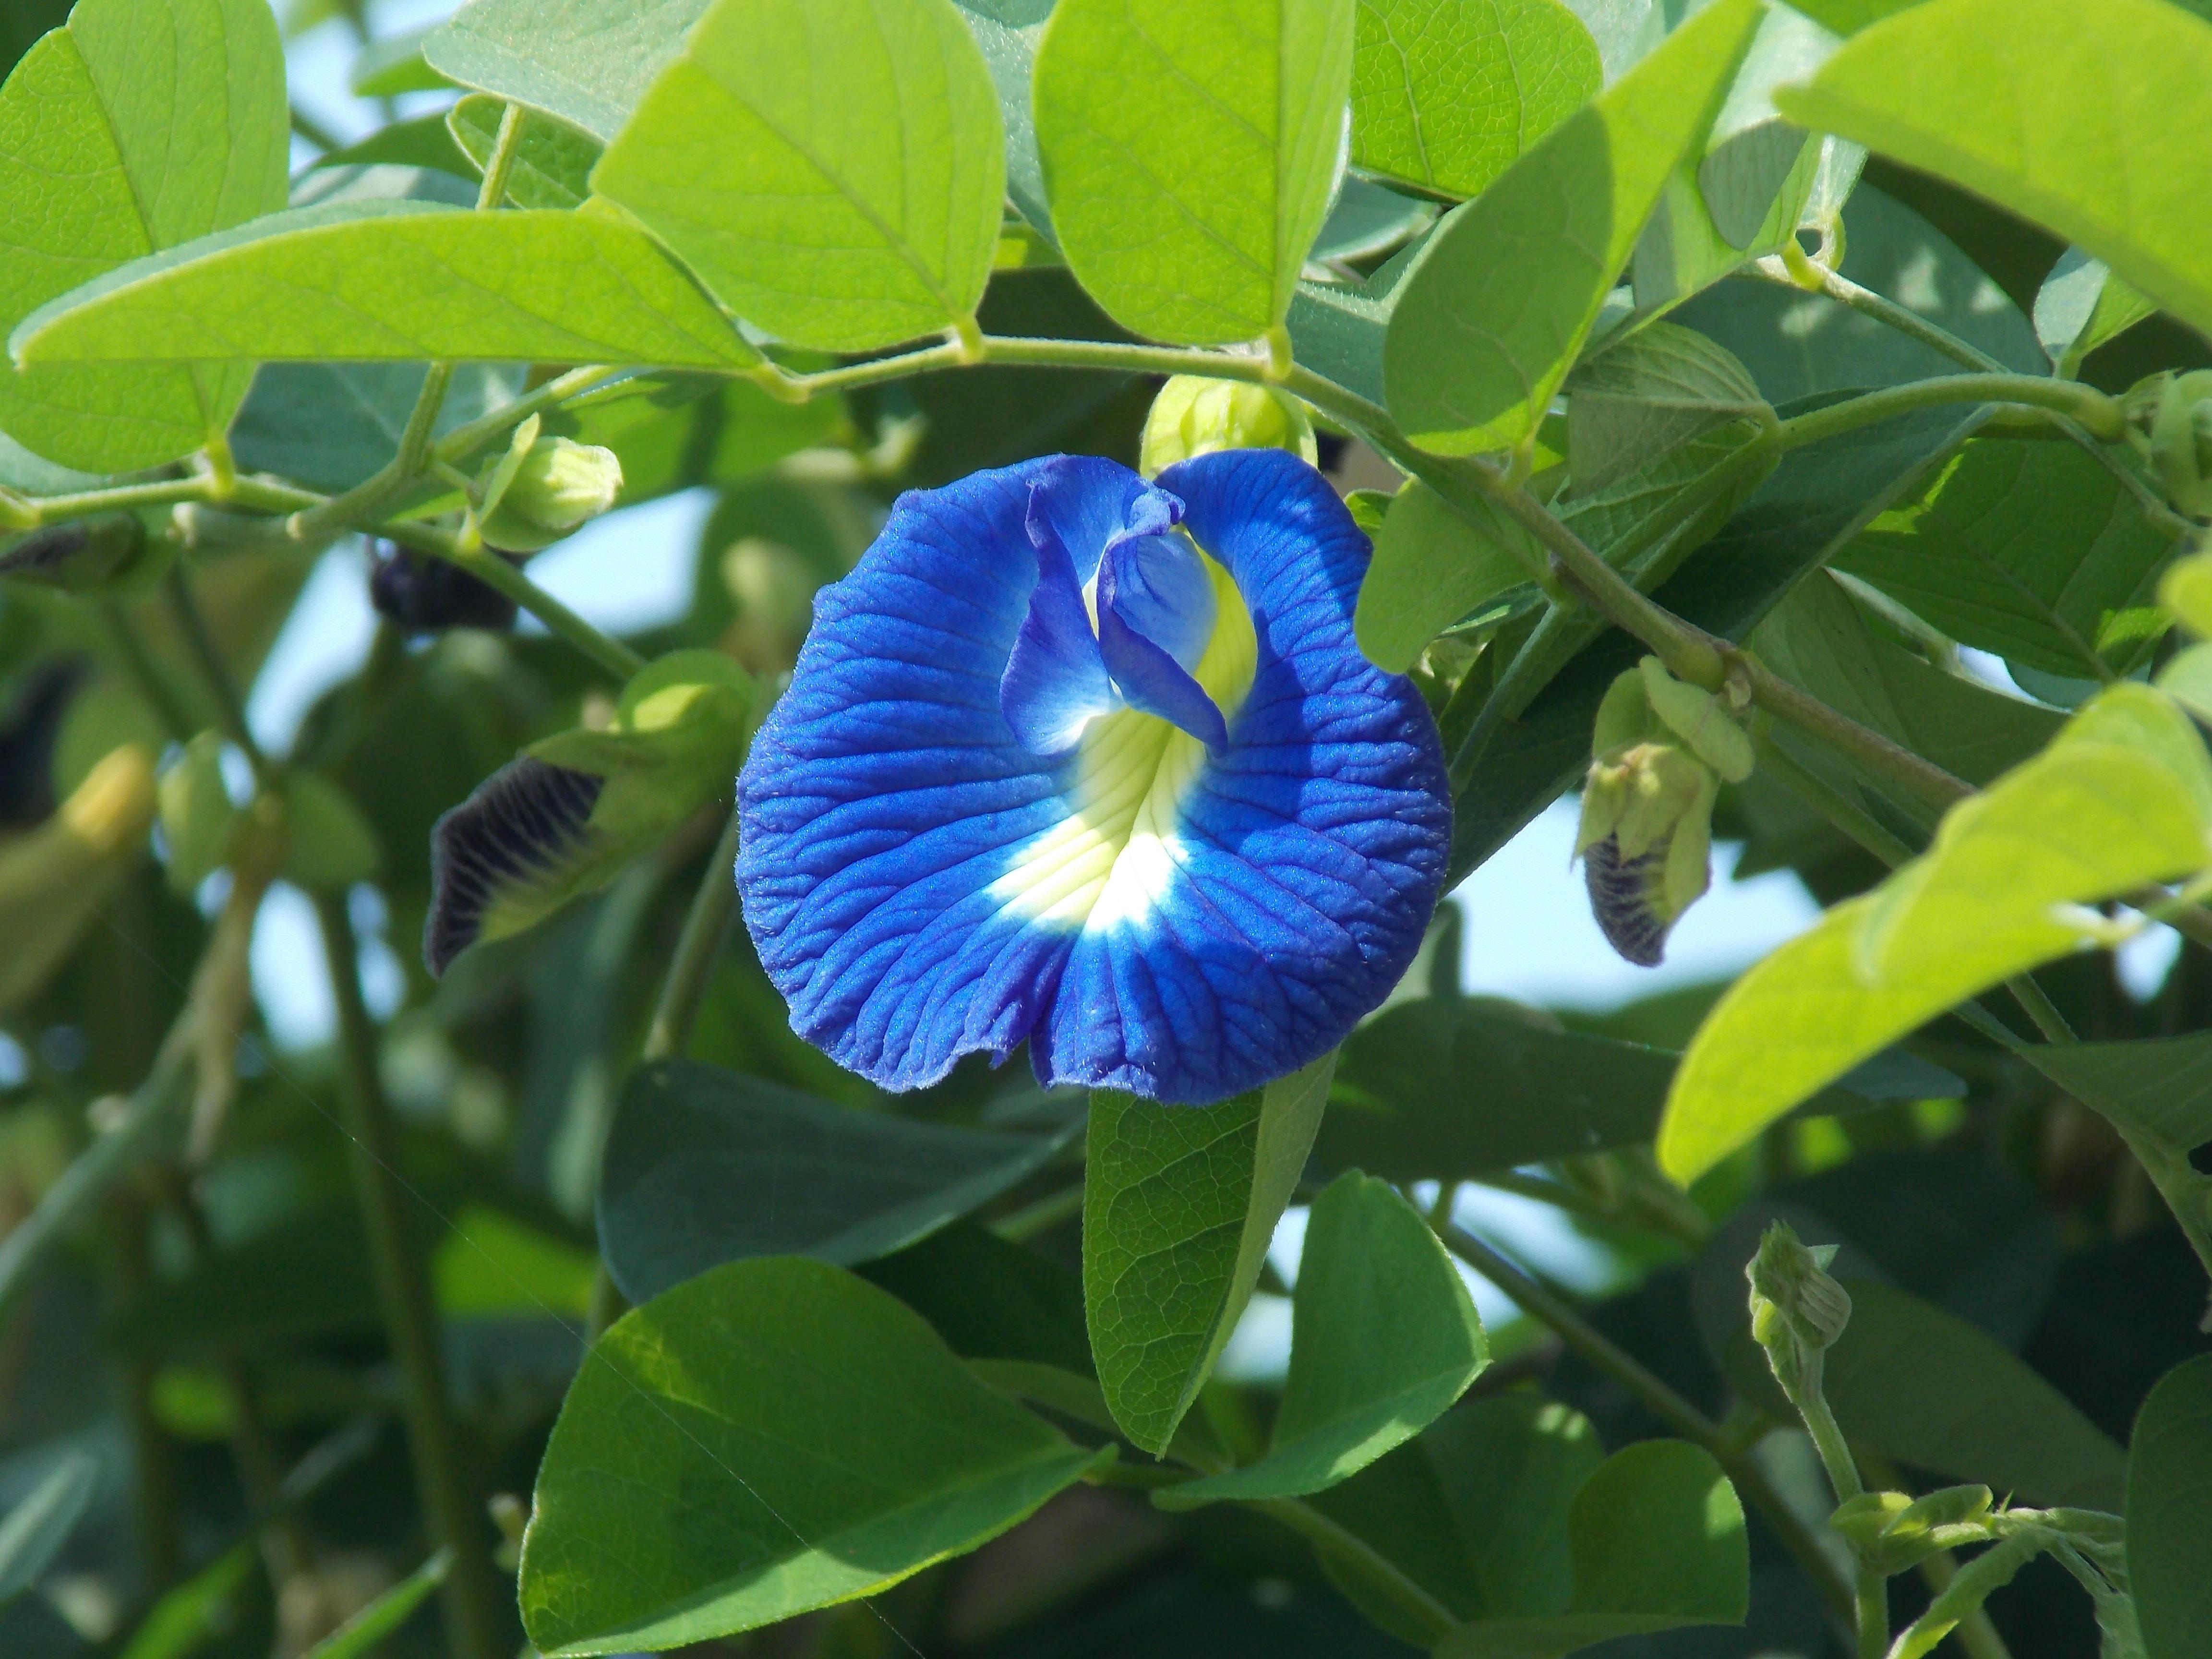 Free Images Leaf Flower Bloom Floral Foliage Spring Green